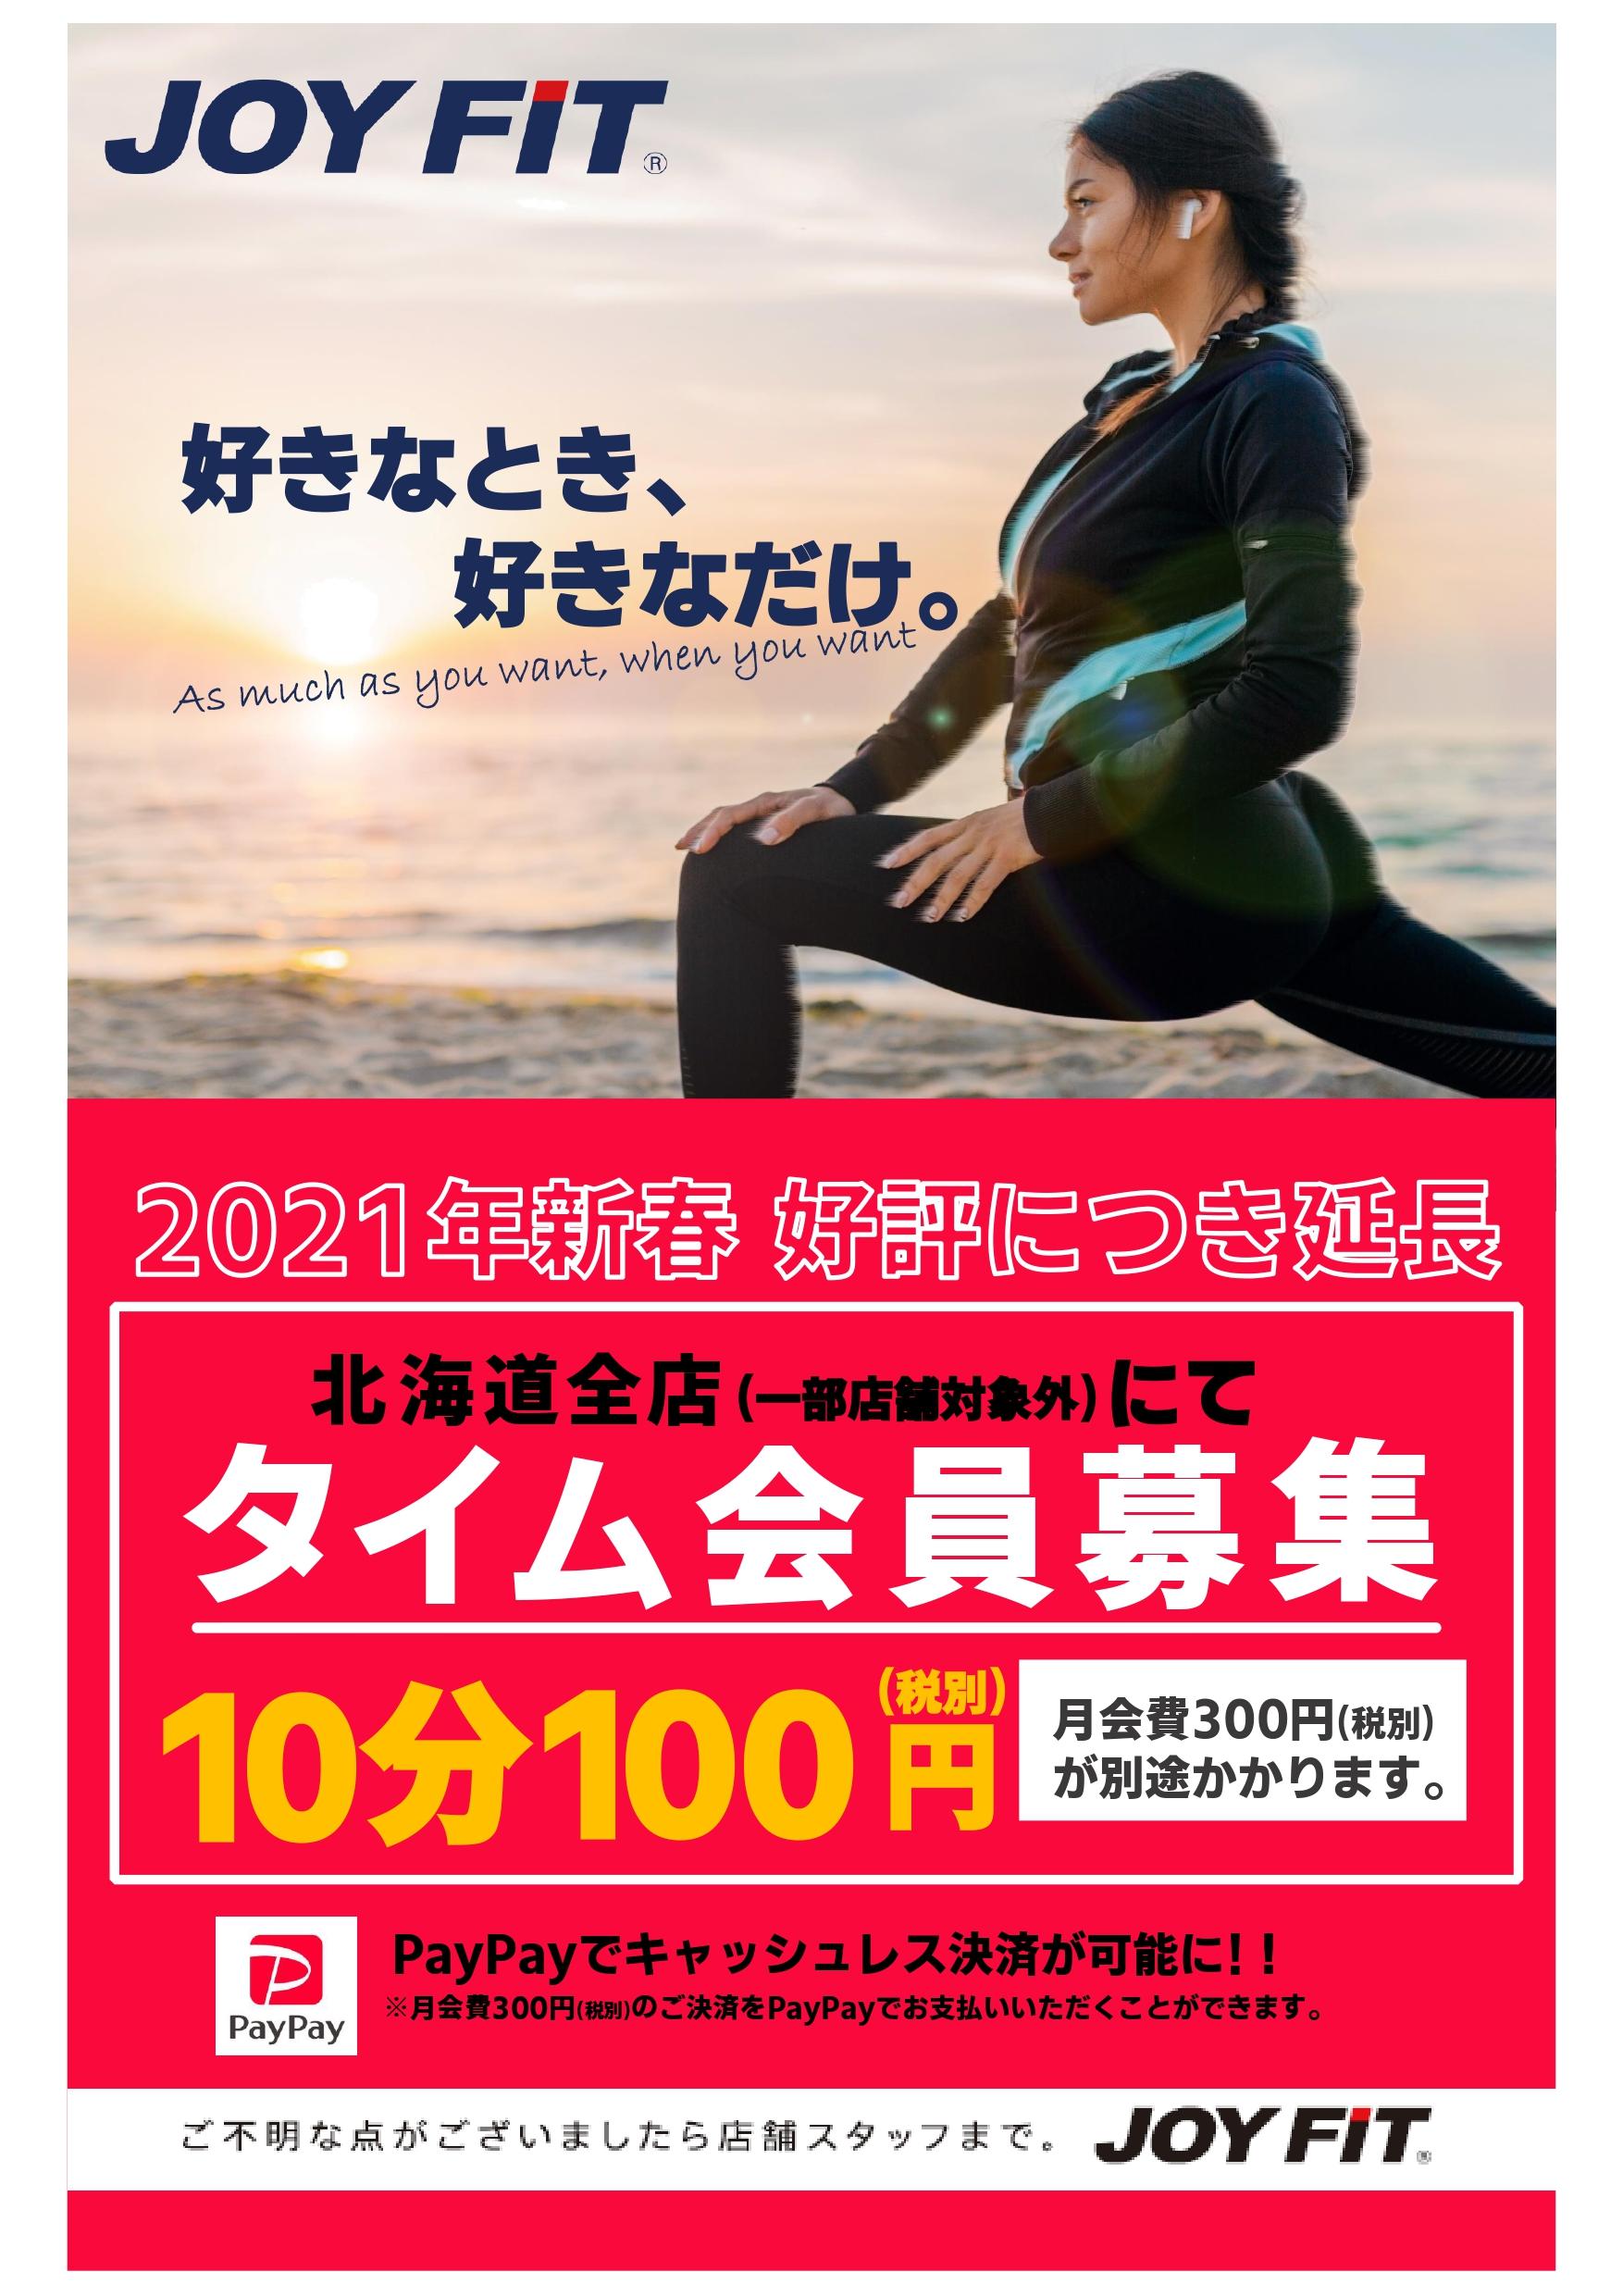 10分100円タイム会員